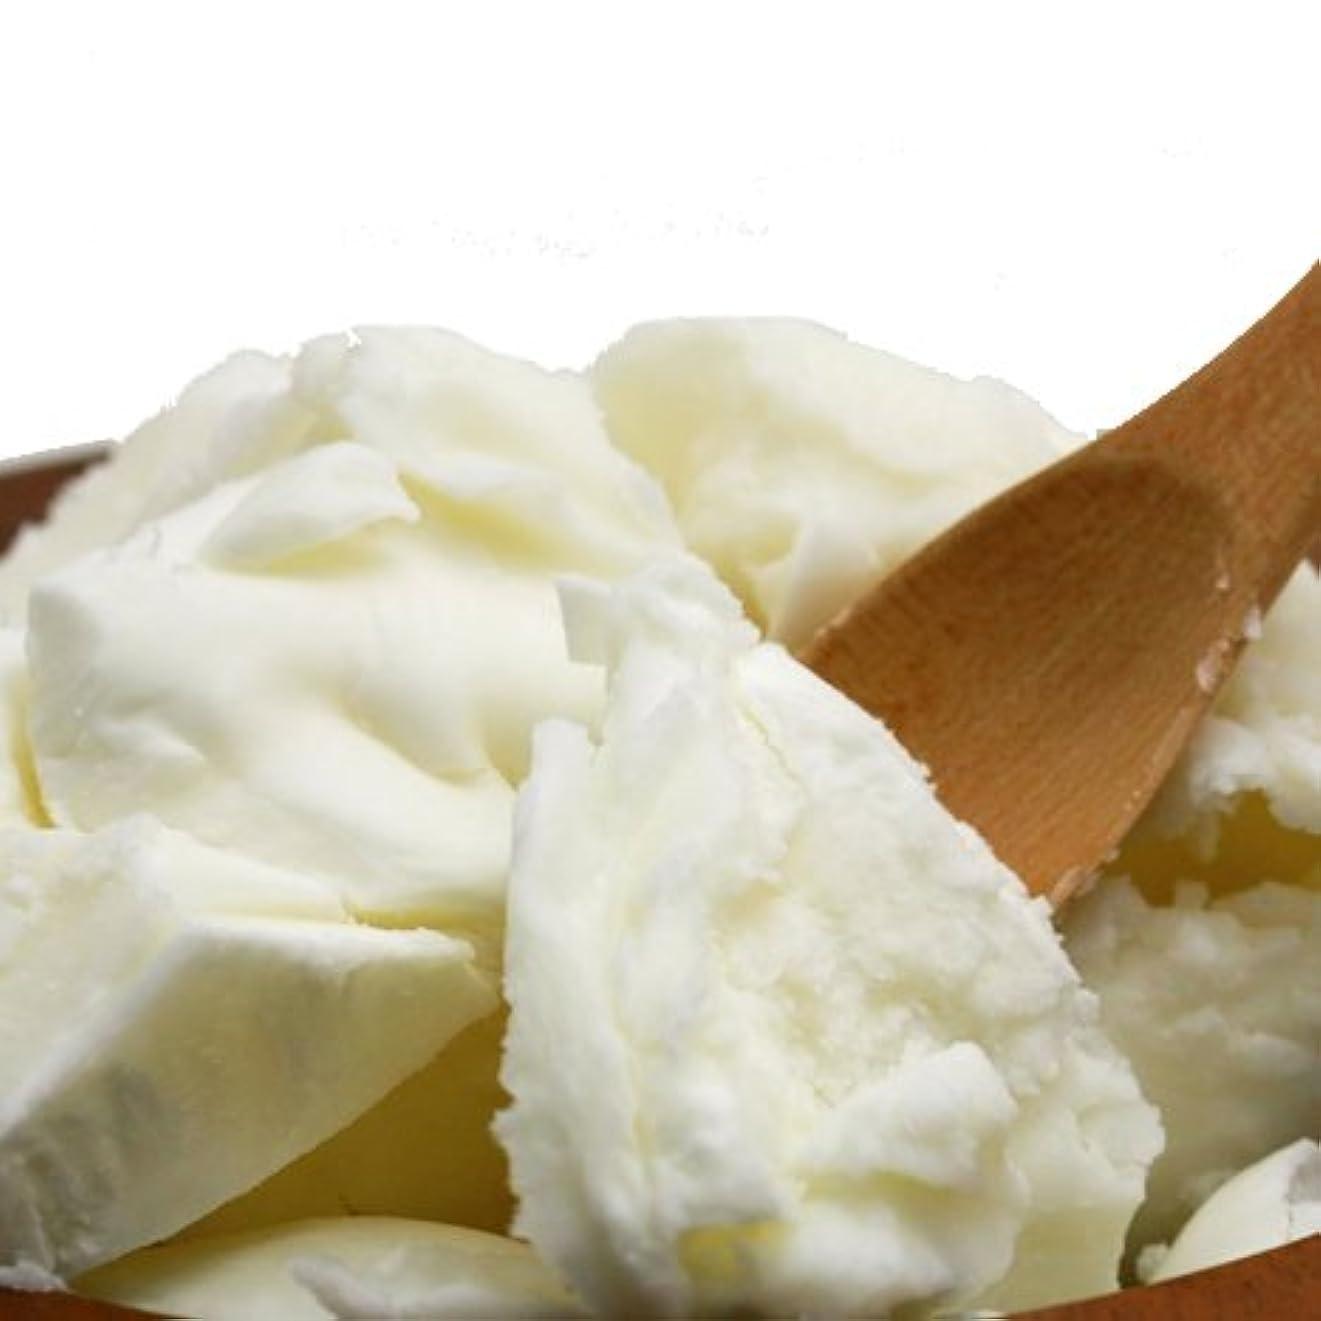 強化微生物成功したオーガニック 精製シアバター 50g シア脂 【手作り石鹸/手作りコスメ/手作り化粧品】